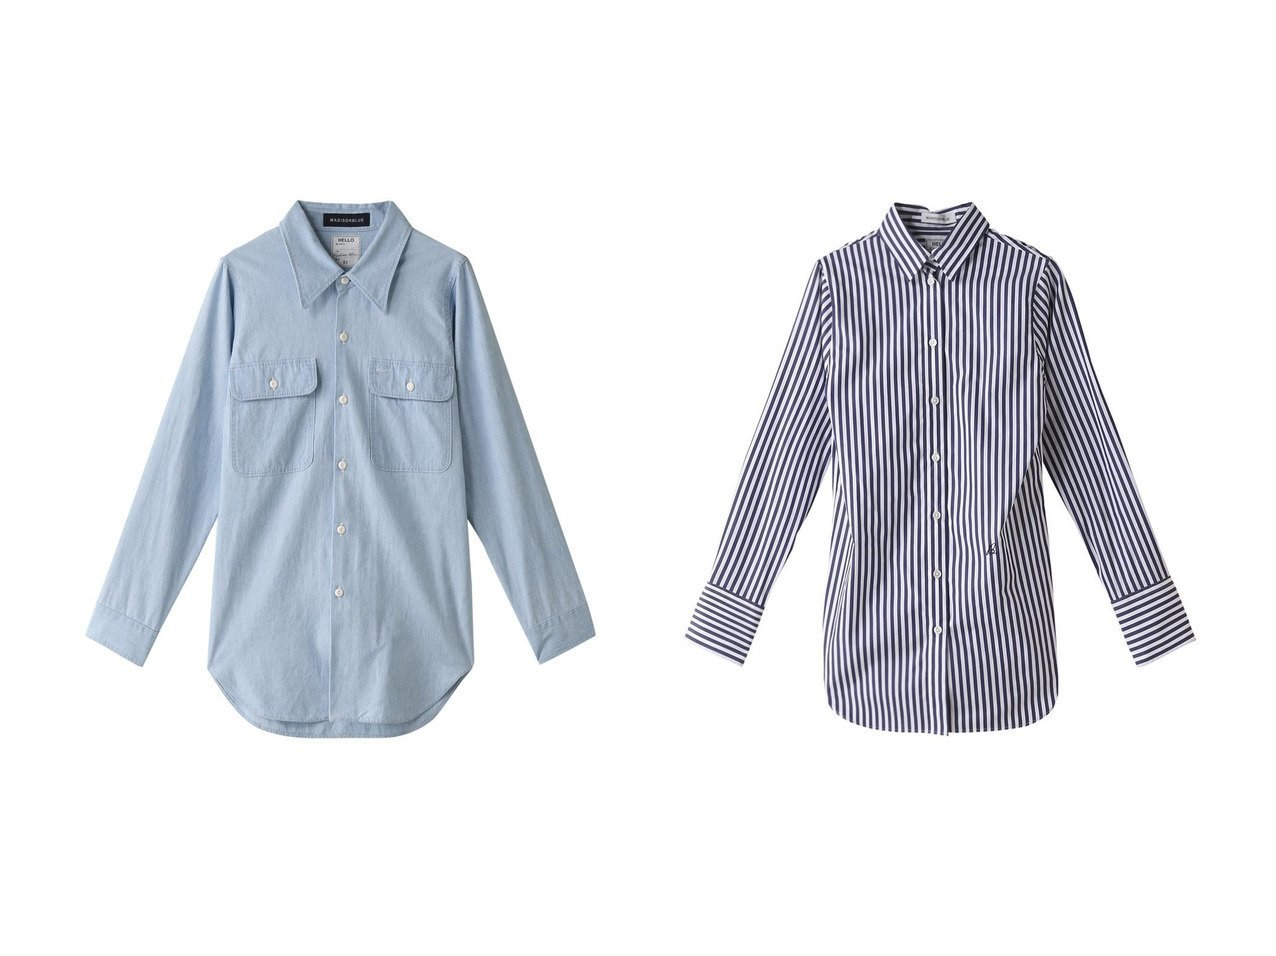 【MADISONBLUE/マディソンブルー】のMADAME コットンストライプシャツ&MADAME コットンシャンブレーワークシャツ(ヴィンテージウォッシュ) マディソンブルーのおすすめ!人気、トレンド・レディースファッションの通販 おすすめファッション通販アイテム インテリア・キッズ・メンズ・レディースファッション・服の通販 founy(ファニー)  ファッション Fashion レディースファッション WOMEN トップス カットソー Tops Tshirt シャツ/ブラウス Shirts Blouses 2021年 2021 2021 春夏 S/S SS Spring/Summer 2021 S/S 春夏 SS Spring/Summer カフス ストライプ スリーブ ロング 春 Spring ブルー系 Blue |ID:crp329100000020921